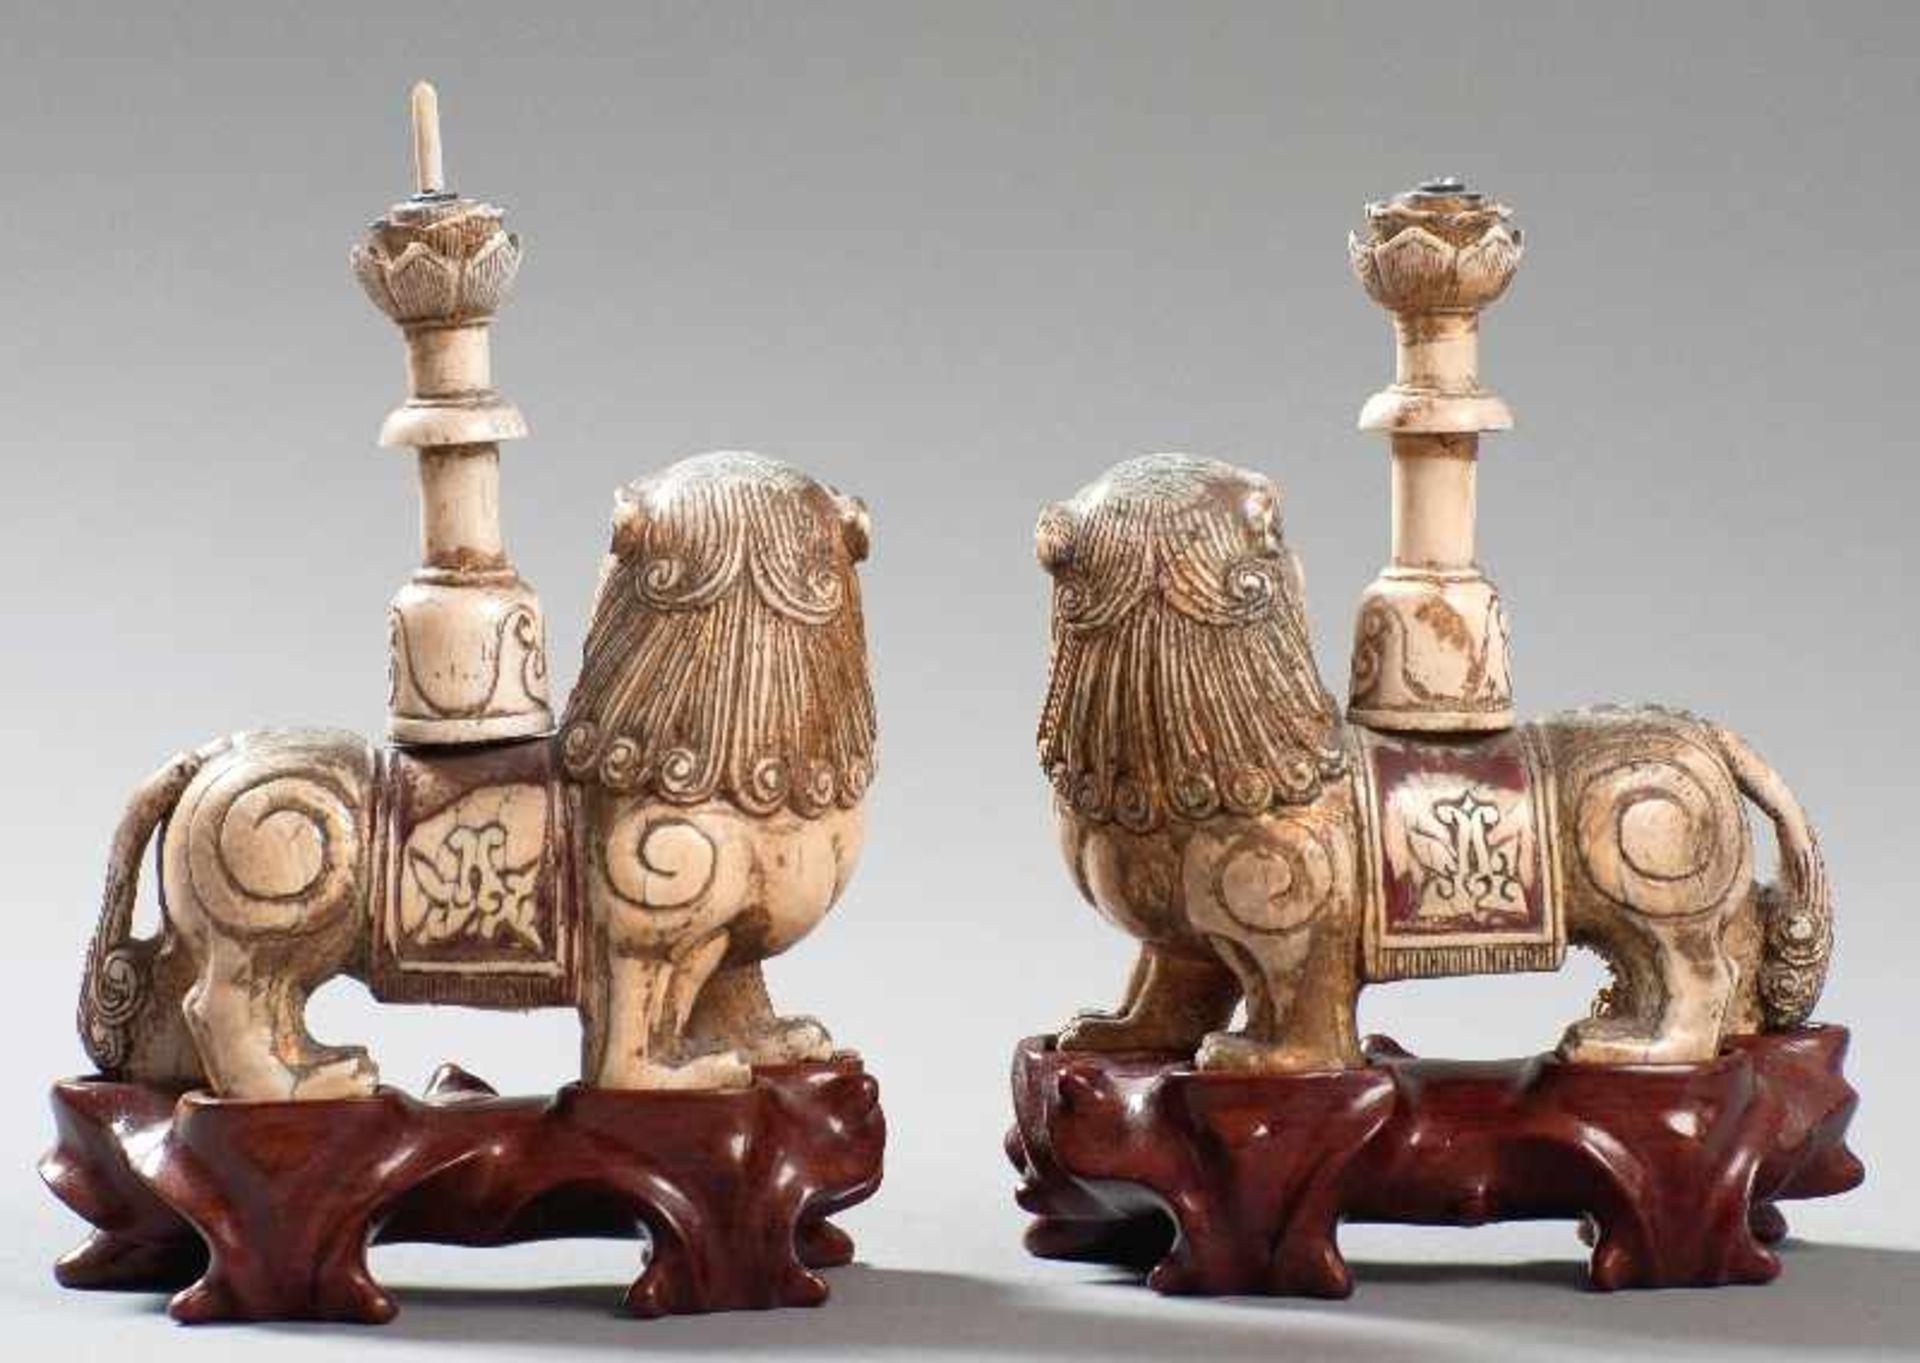 Ein paar Löwen als Kerzenträger Elfenbein. China, im Stil des 17. bis 18. Jh. Sehr ausdrucksstark - Image 2 of 2